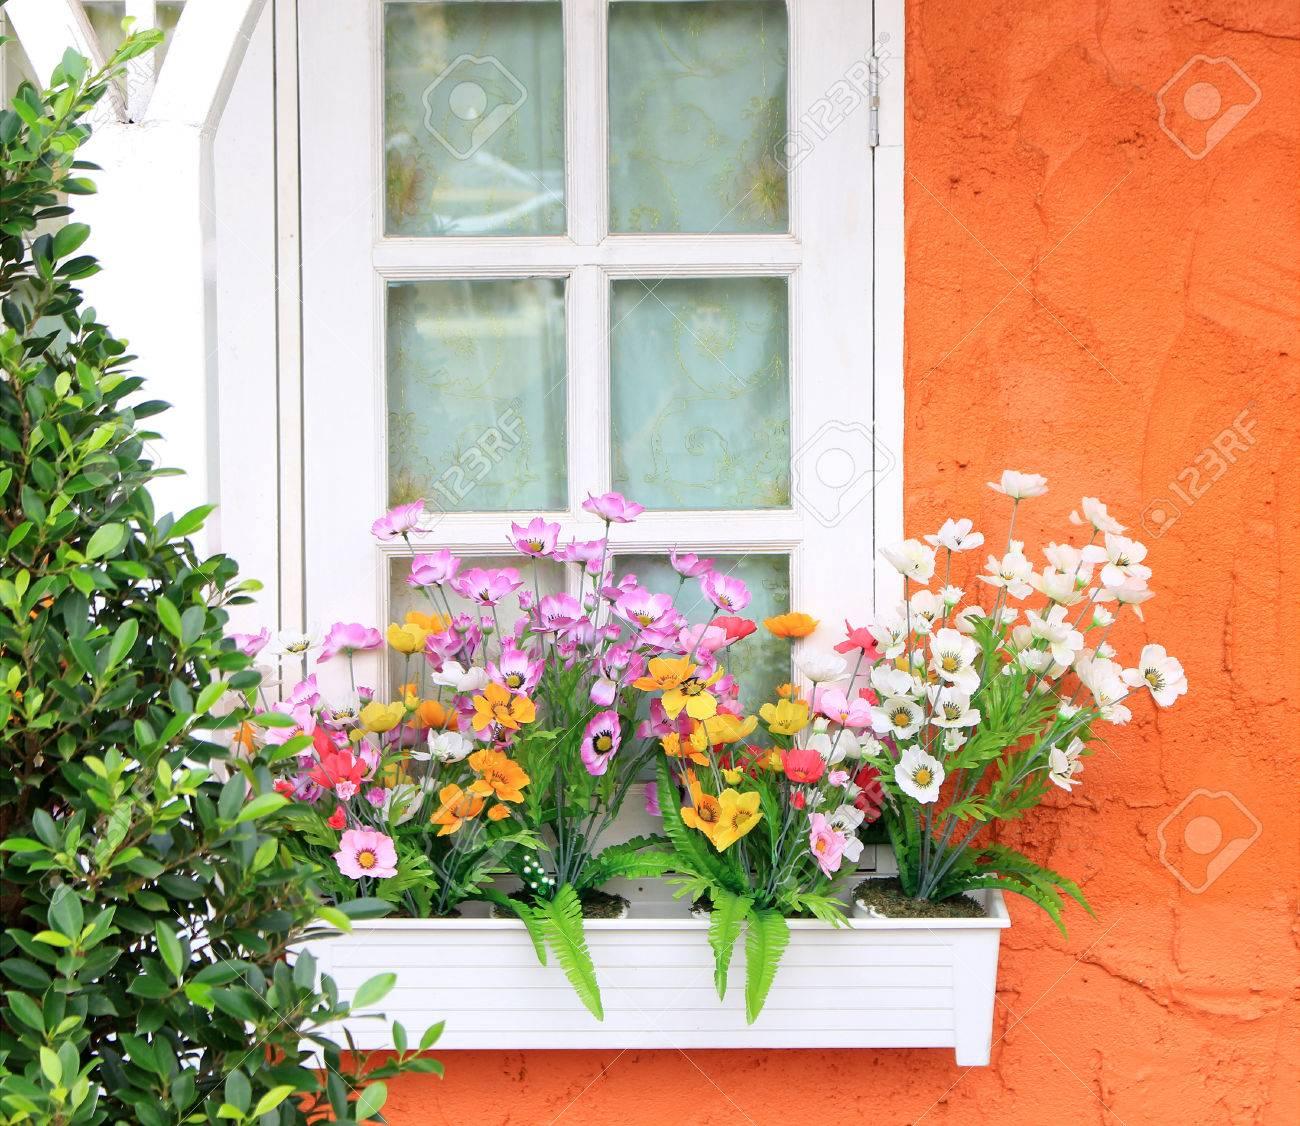 Blumenkasten Im Fenster Der Orange Gebäude Lizenzfreie Fotos, Bilder ...